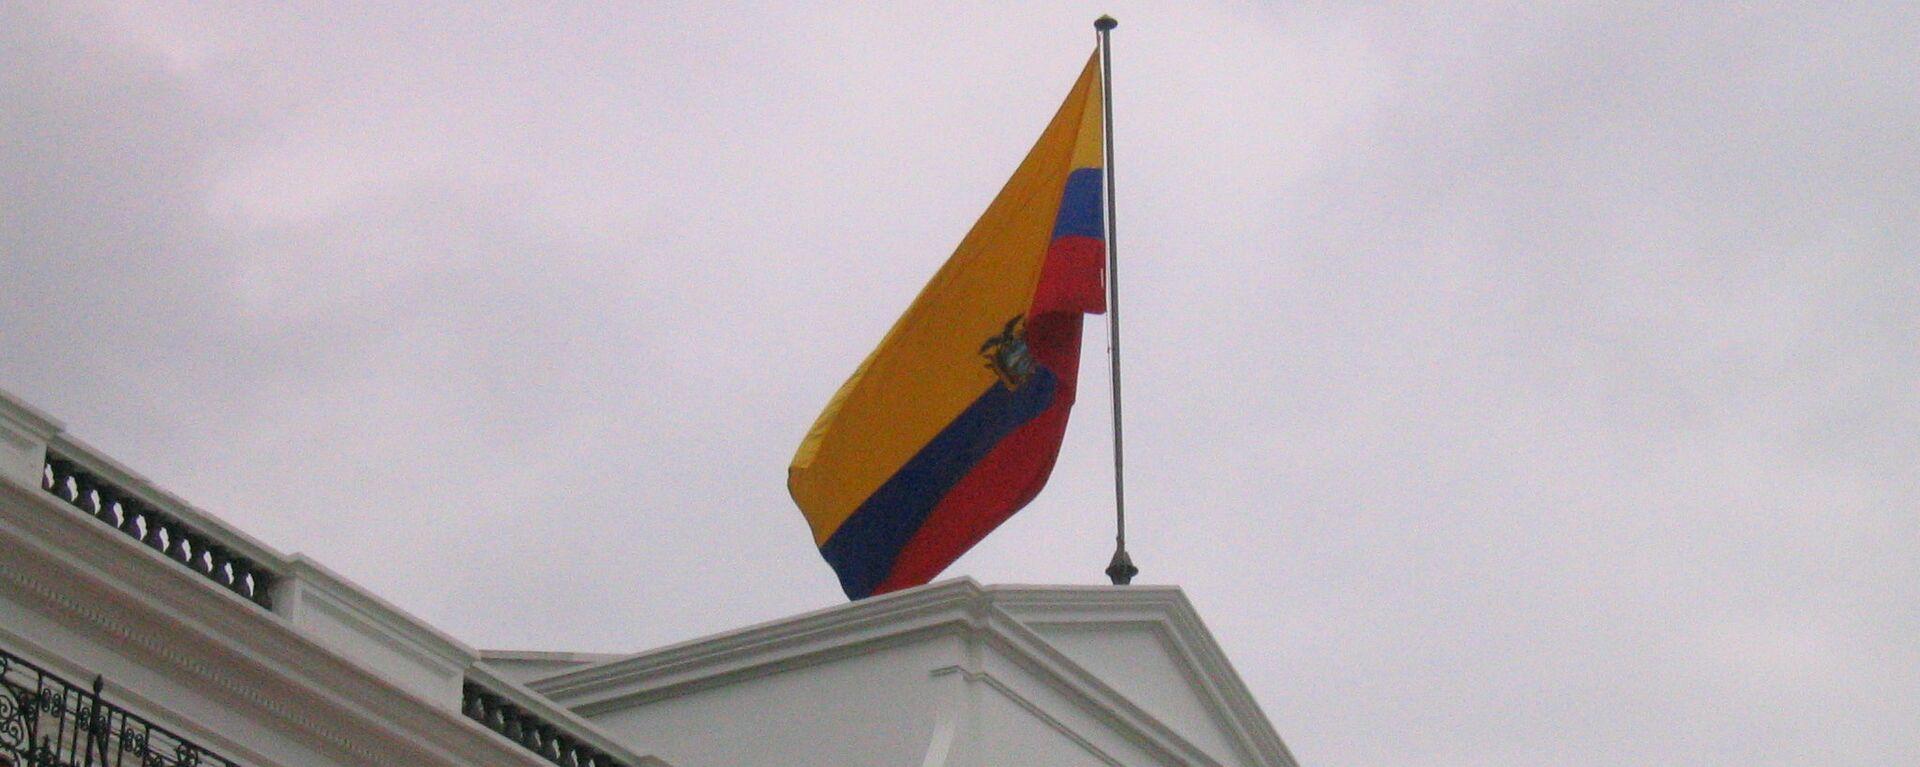 Bandera de Ecuador - Sputnik Mundo, 1920, 17.08.2021